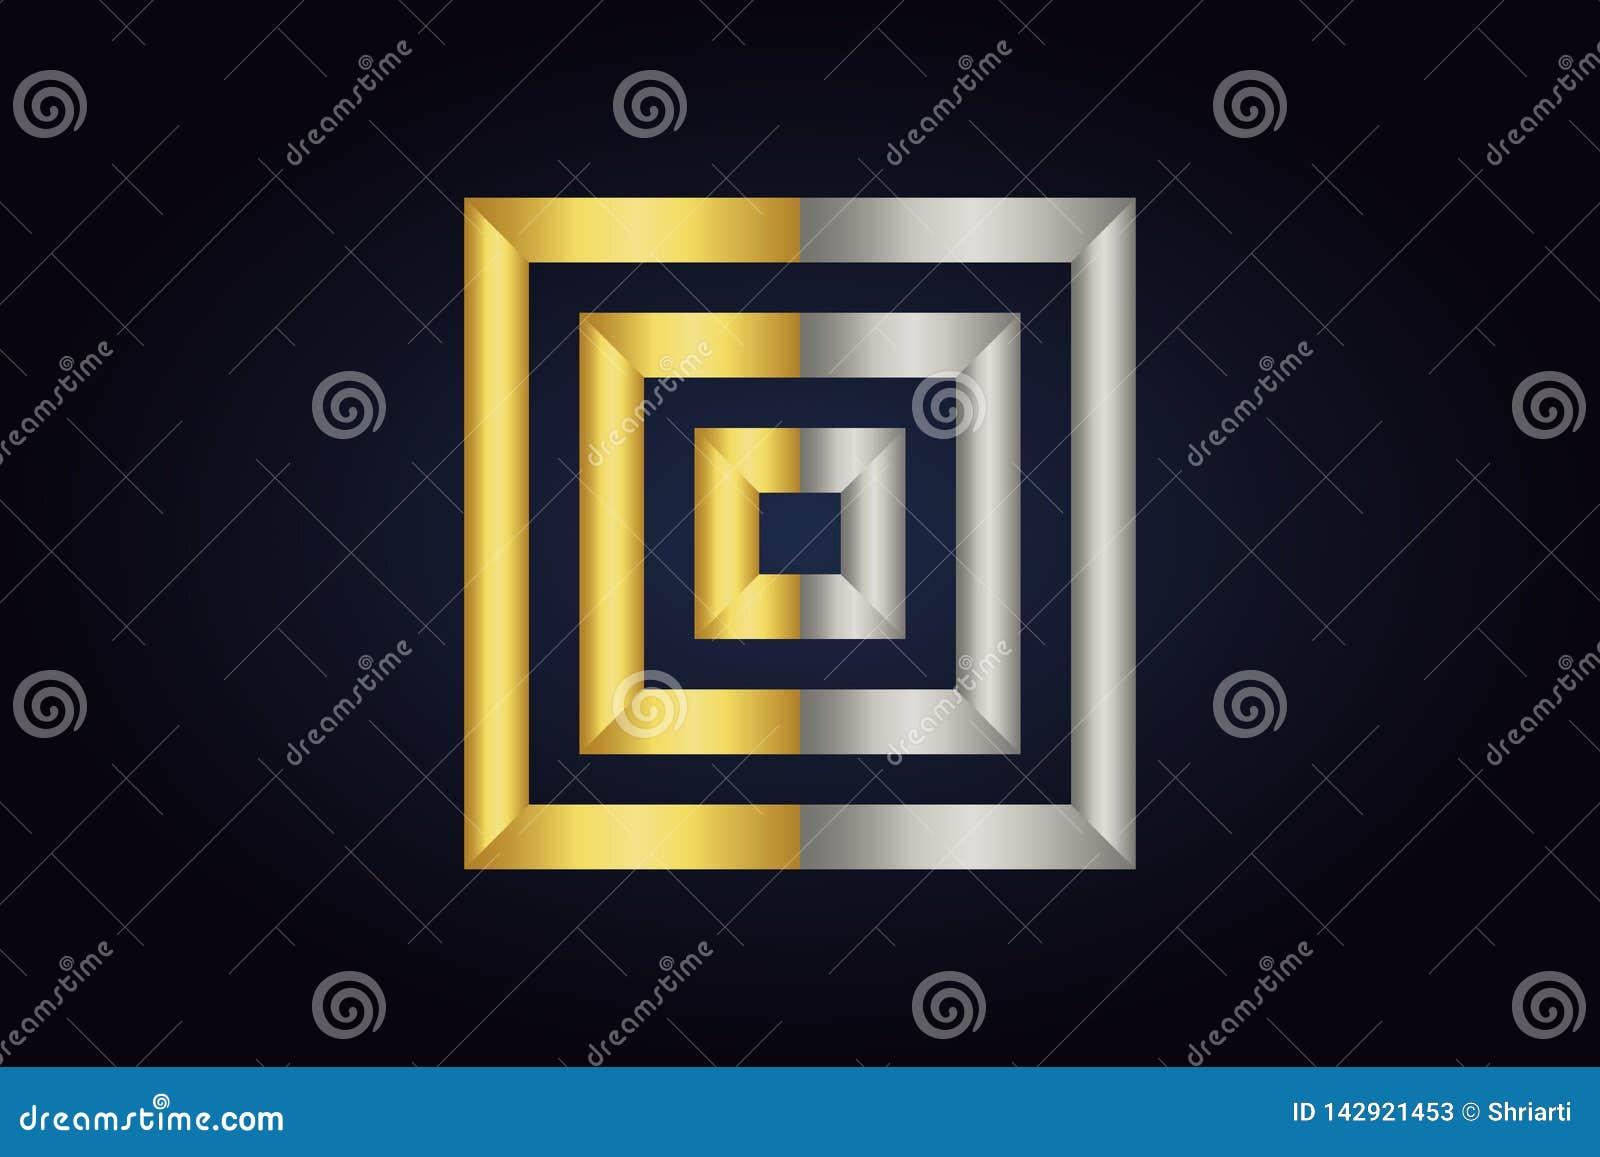 Drie vierkanten binnen elkaar Vierkanten in zilveren en gouden kleuren